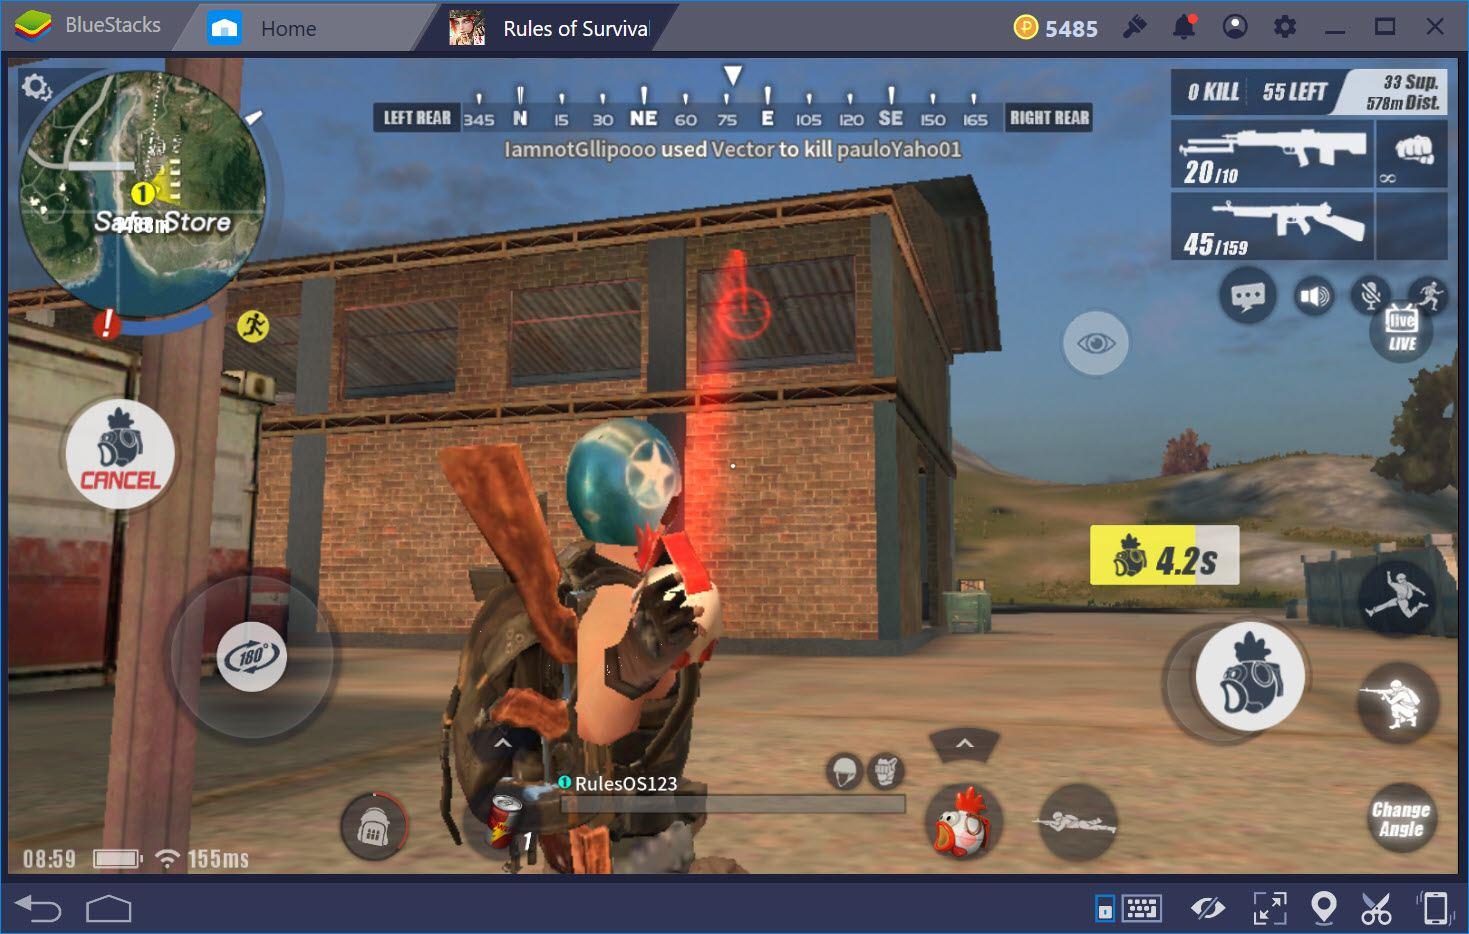 Vũ khí nên dùng khi tấn công nhà trong Rules of Survival